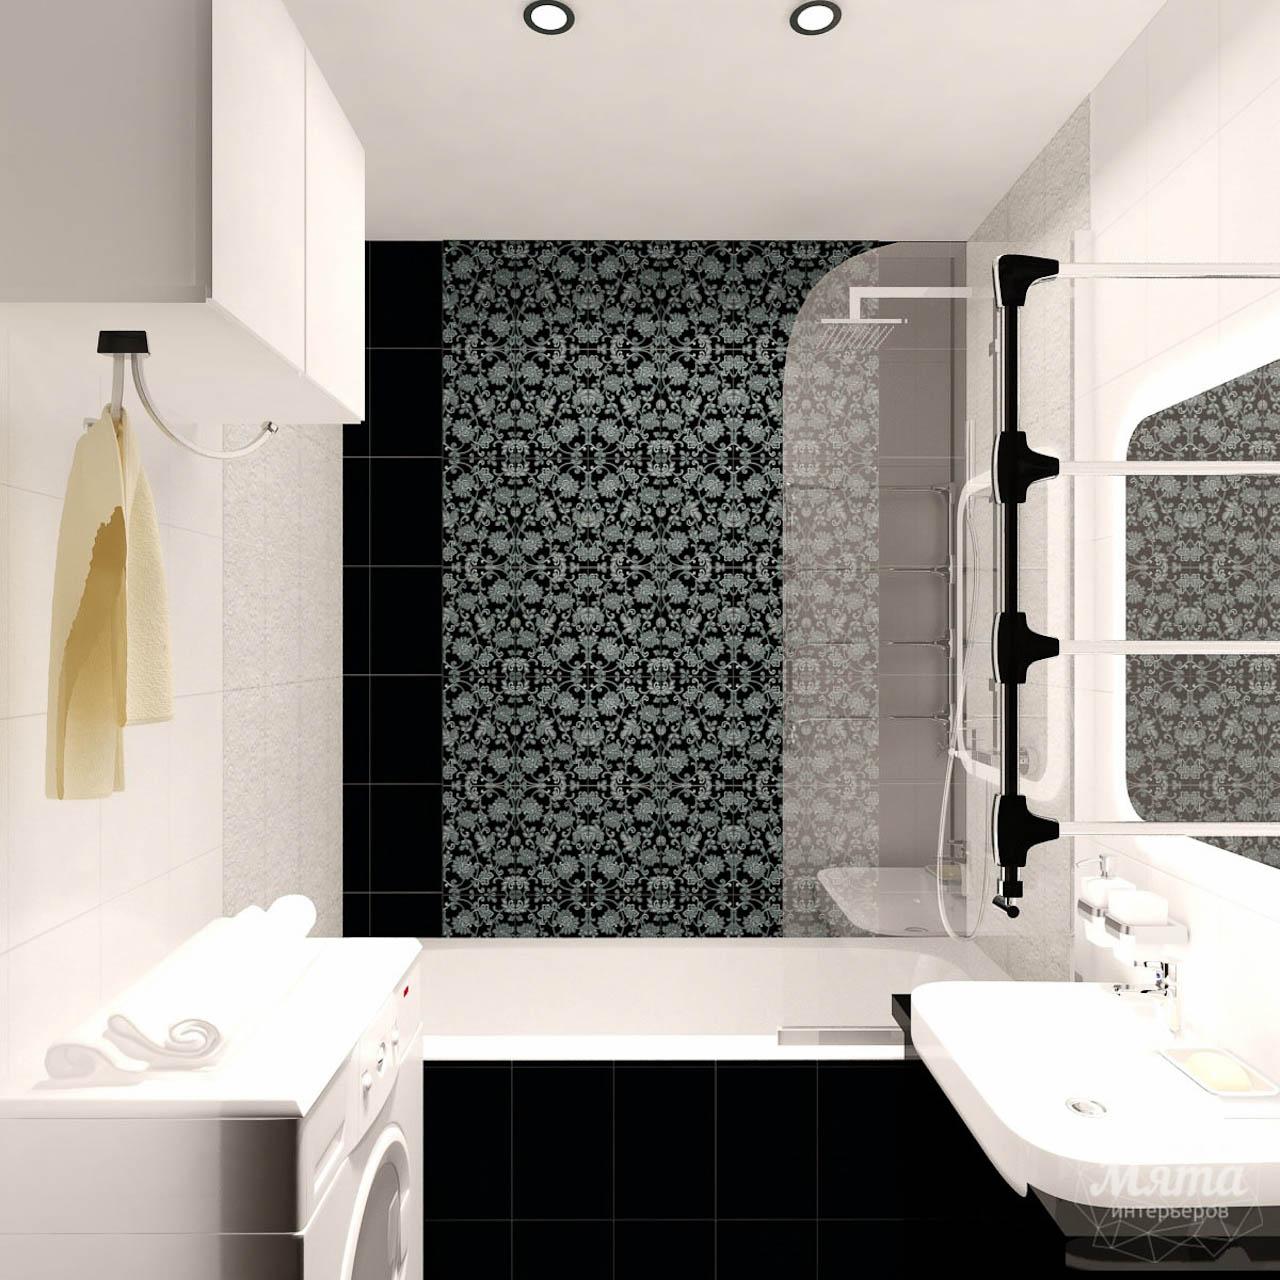 Дизайн интерьера двухкомнатной квартиры по ул. Бебеля 156 img1964979971